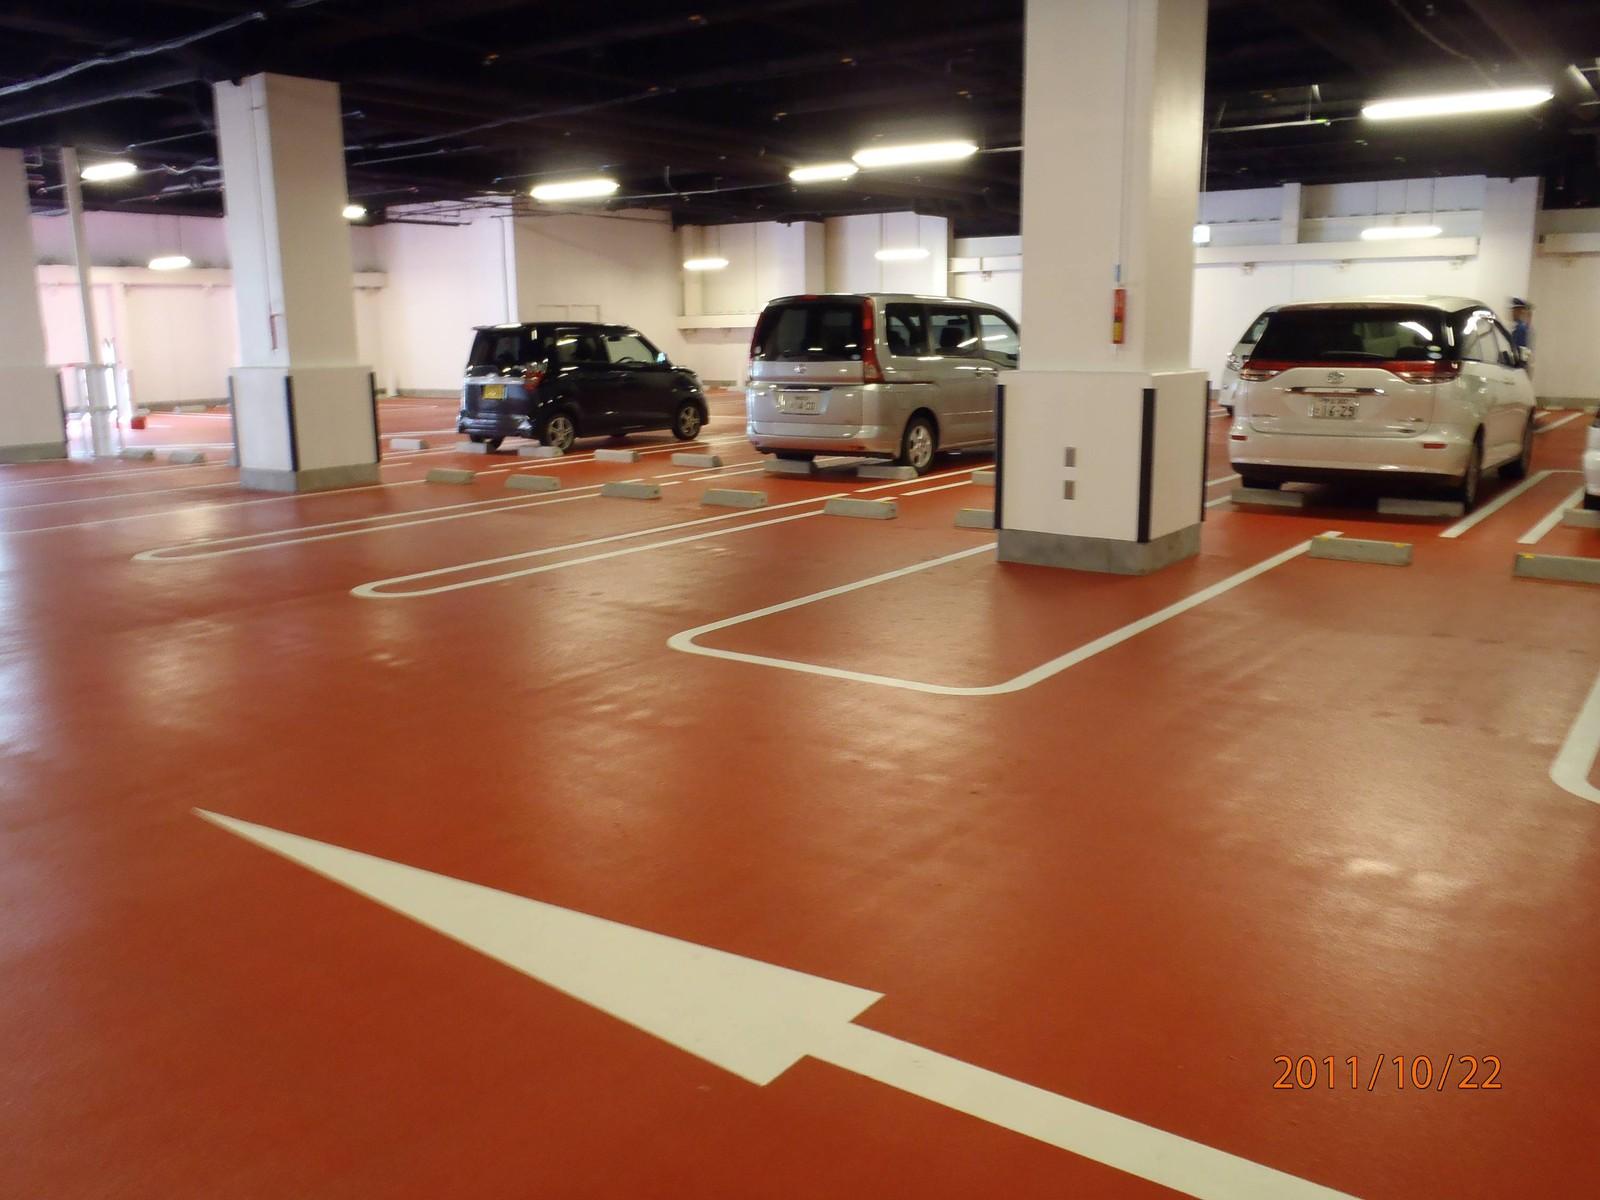 カップ ヌードル ミュージアム 駐 車場